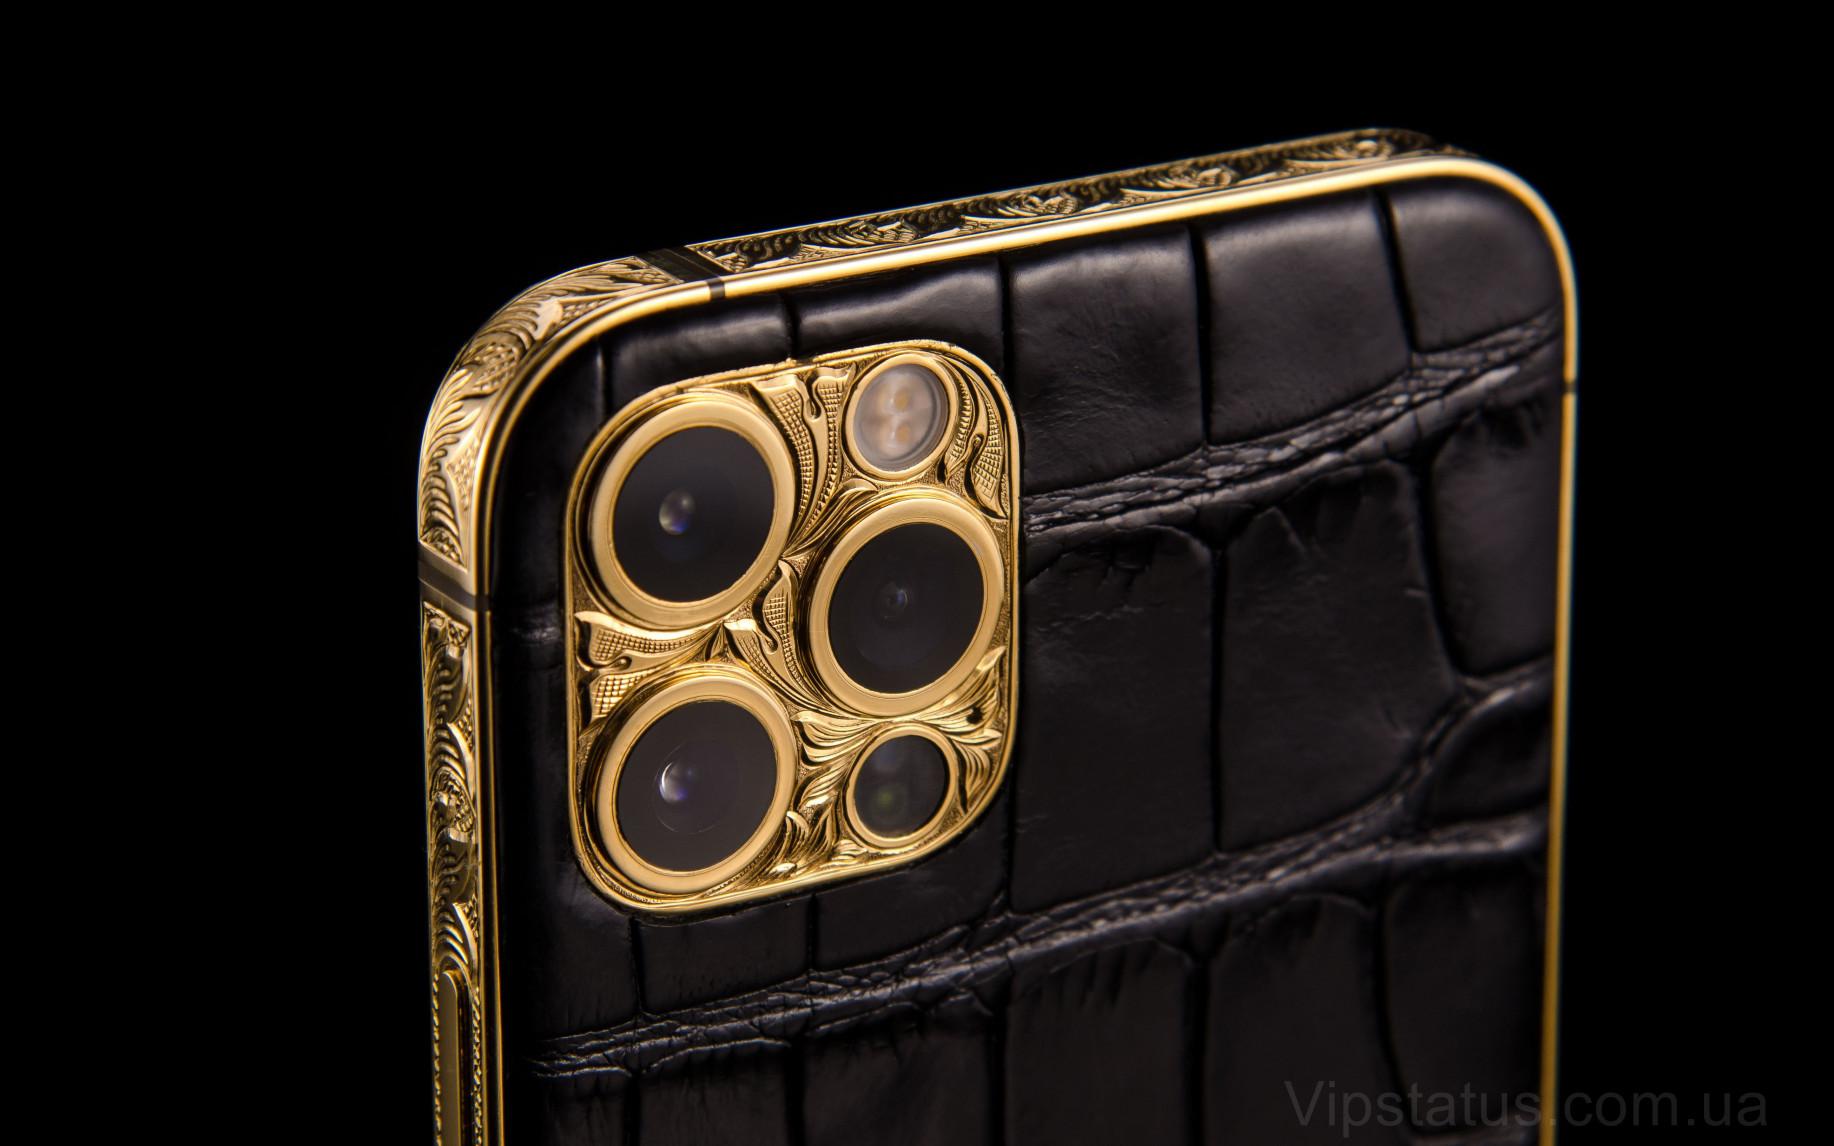 Elite Magic Apple Black IPHONE 12 PRO MAX 512 GB Magic Apple Black IPHONE 12 PRO MAX 512 GB image 6